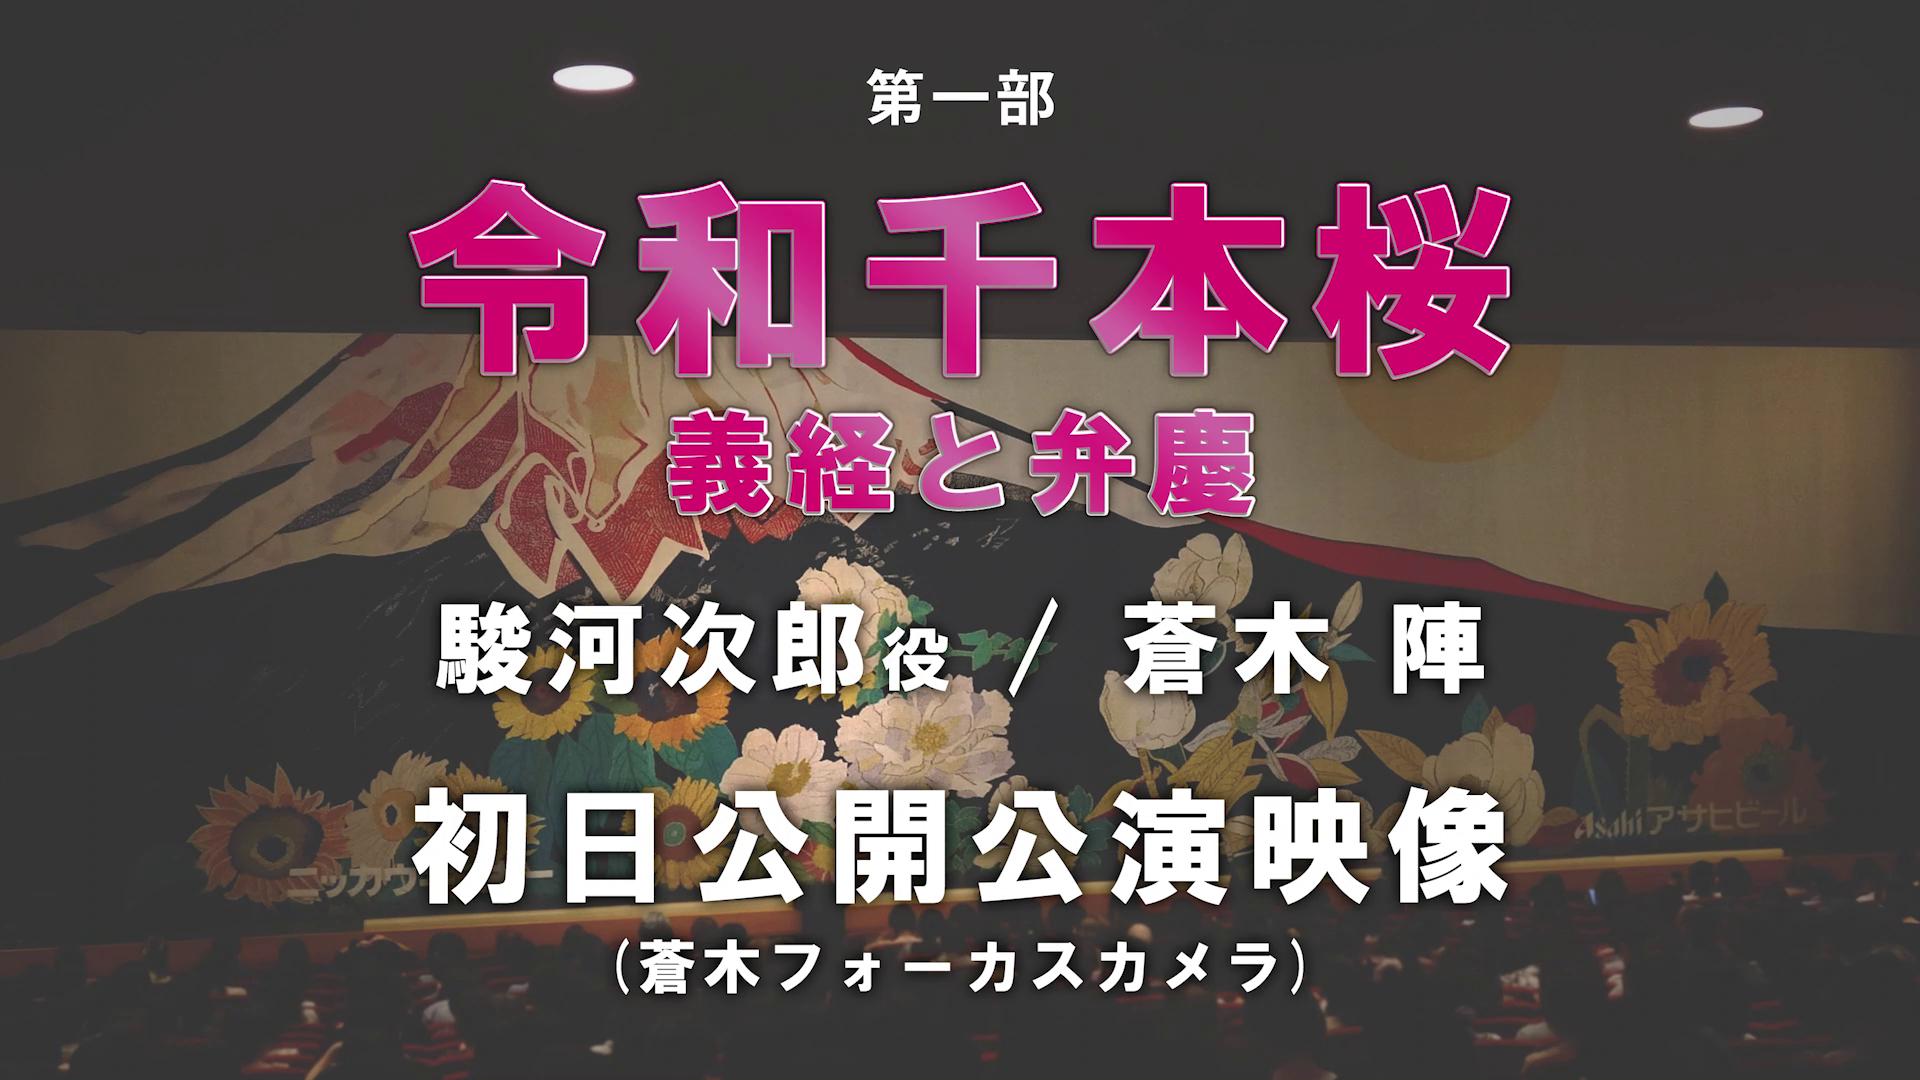 【蒼木】第一部「令和千本桜 義経と弁慶」初日公開公演映像(蒼木フォーカスカメラ)